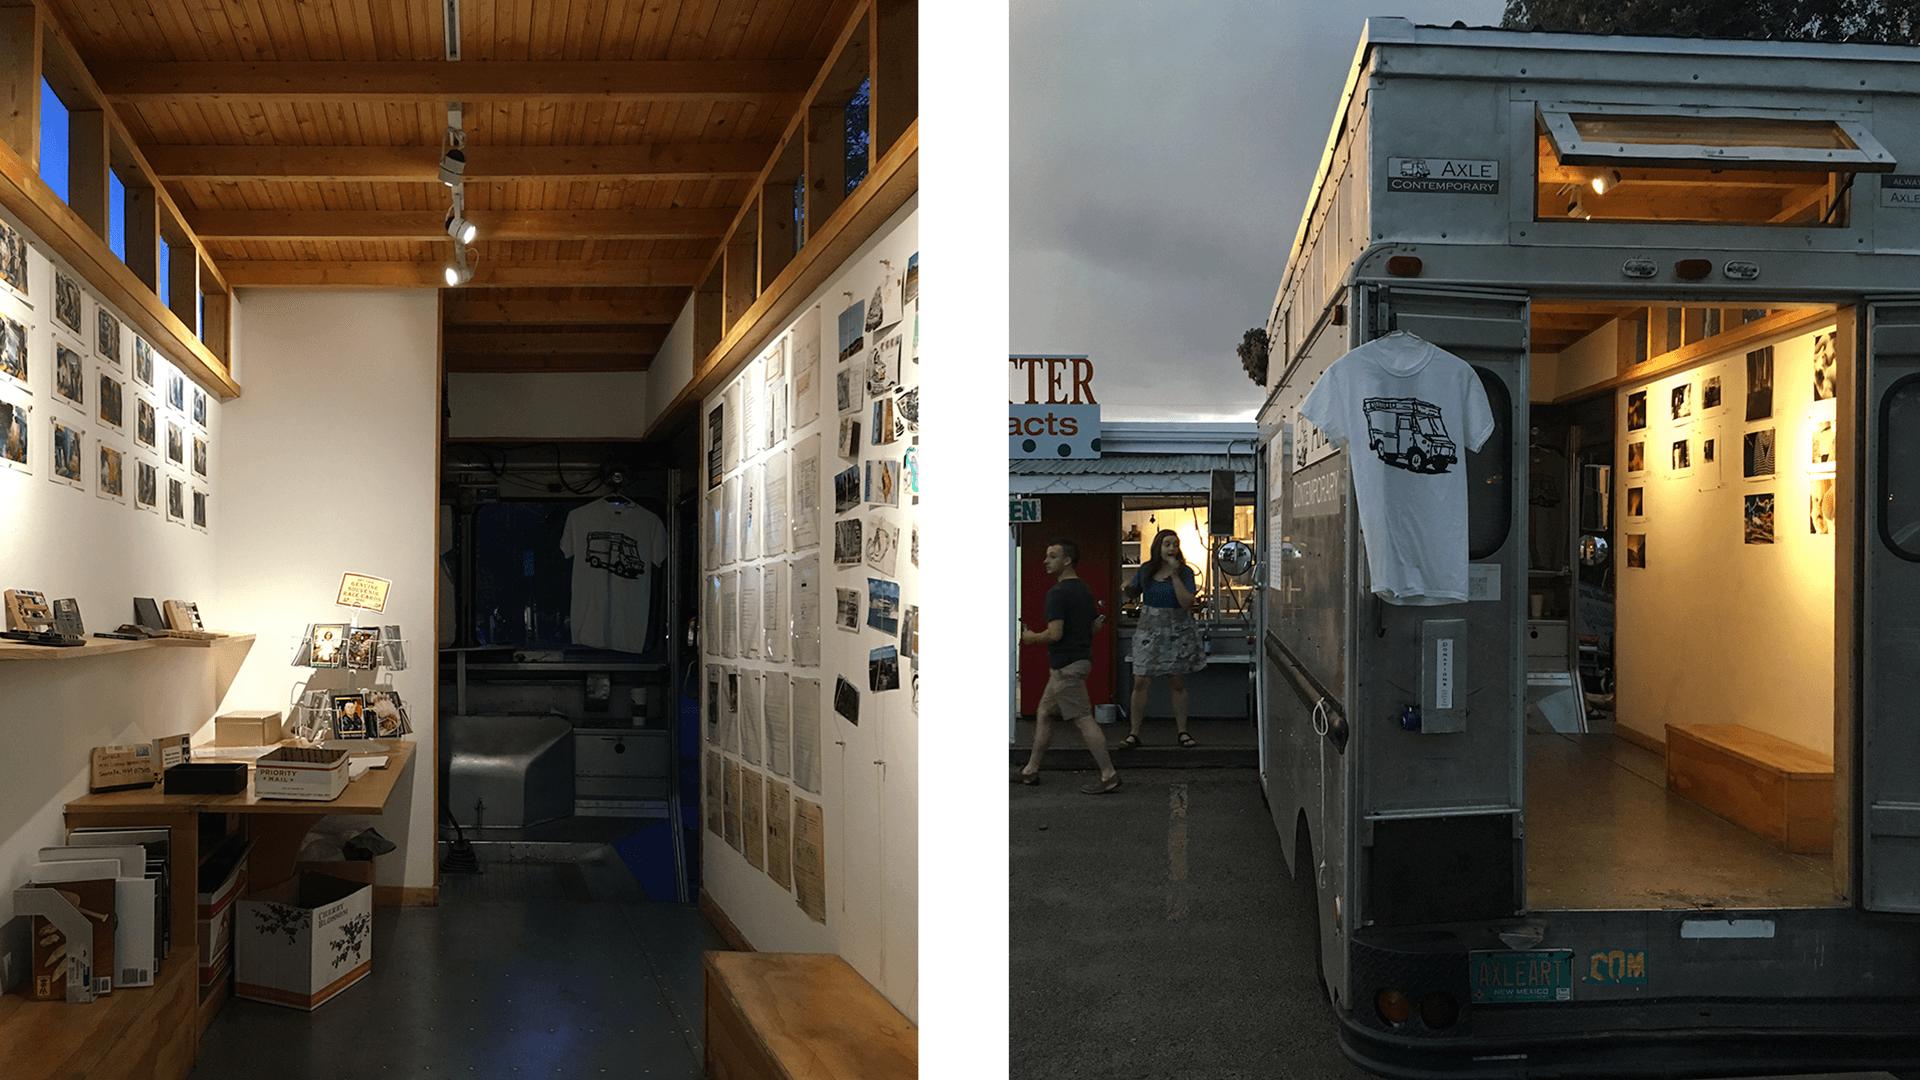 axle contemporary interior truck